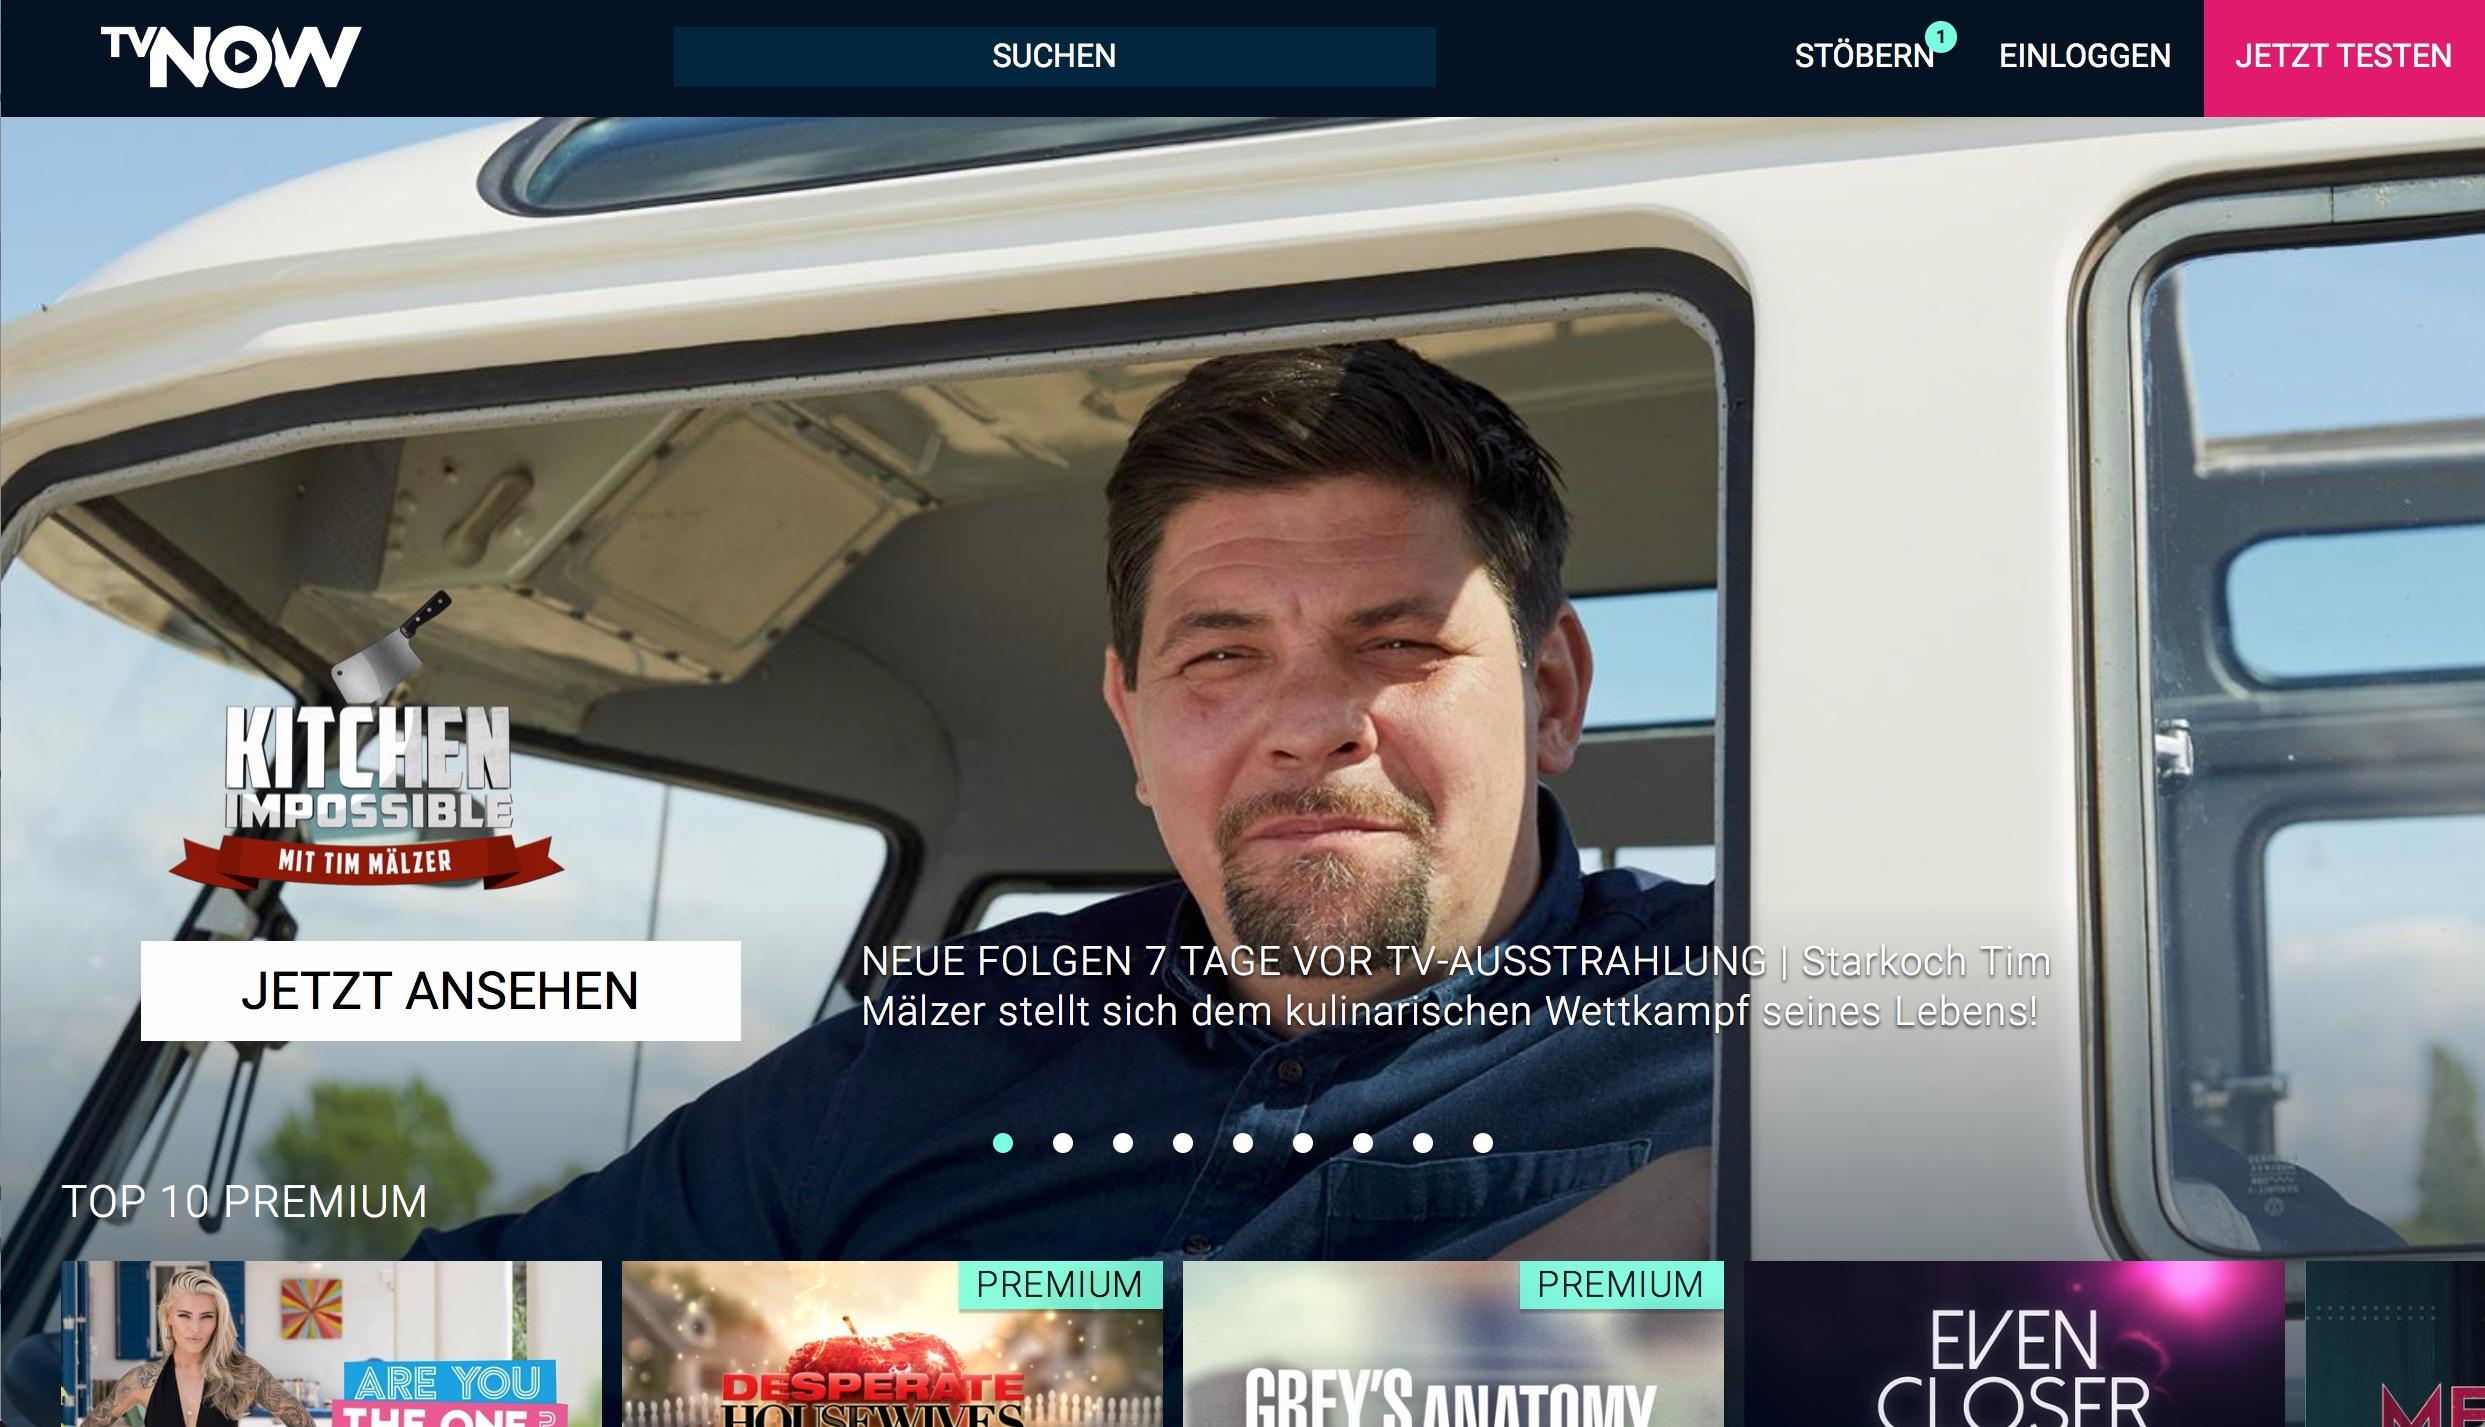 RTL+ soll die TVnow Marke beerben